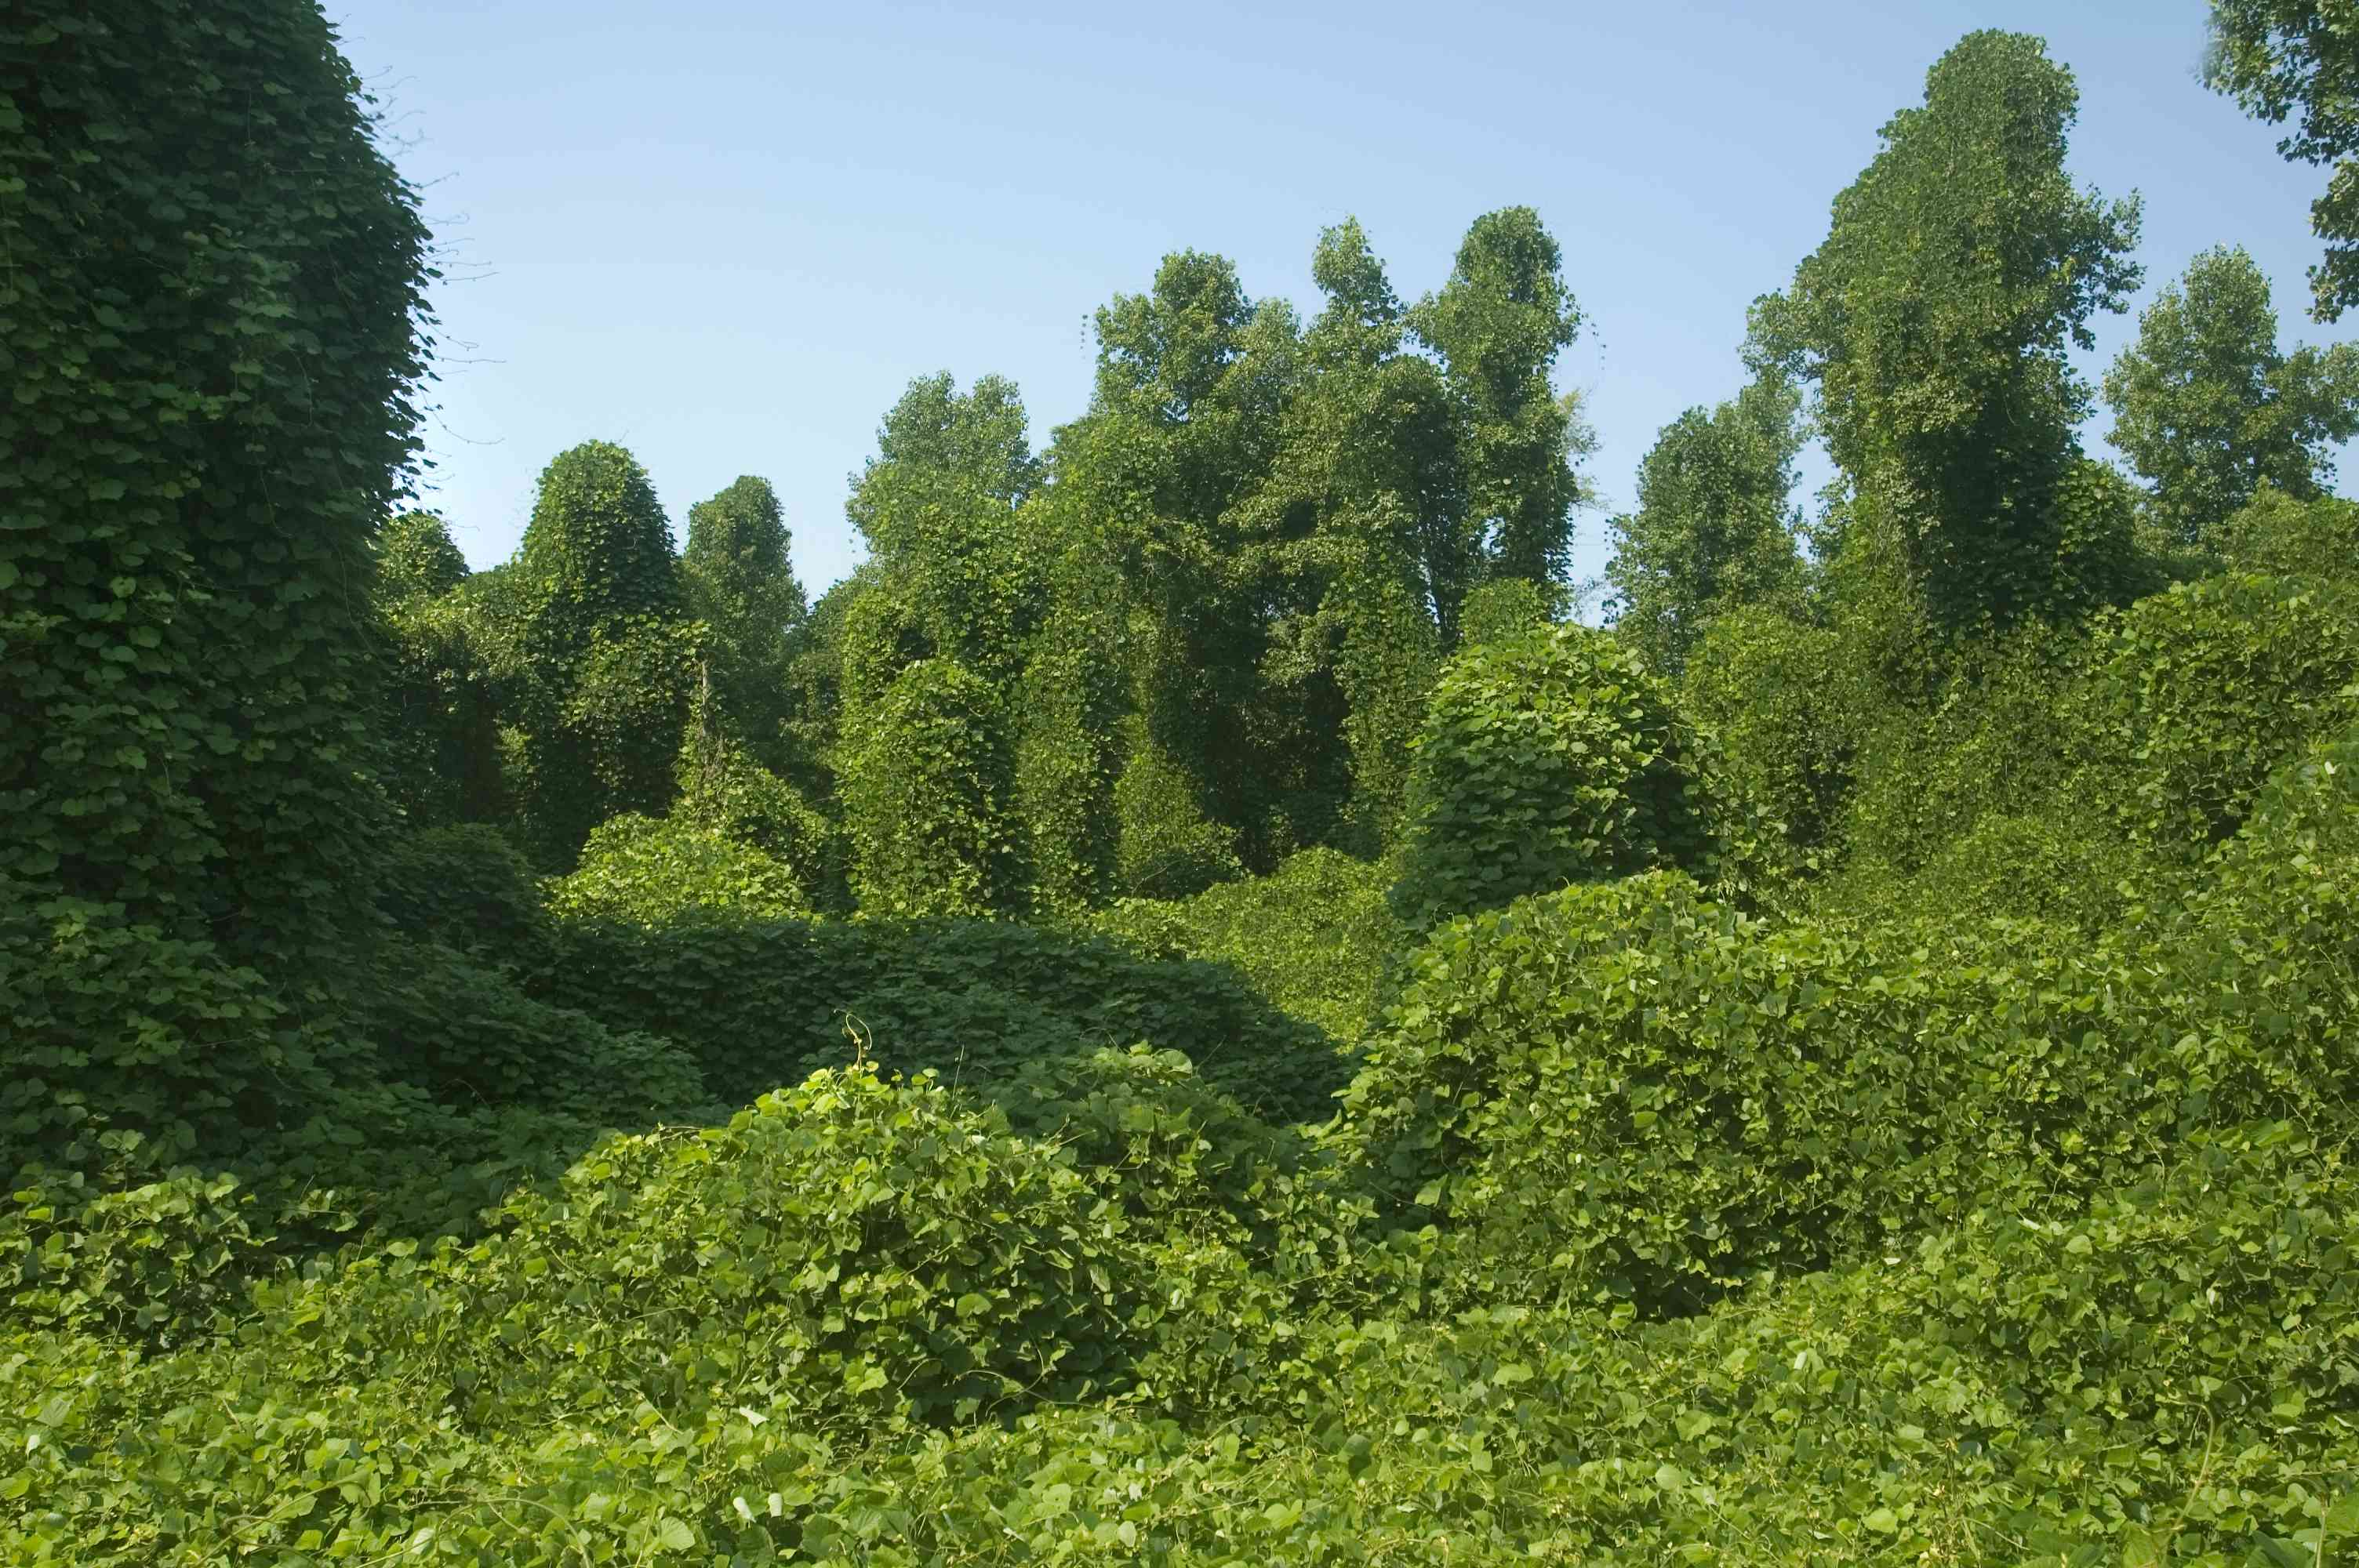 kudzu taking over forest